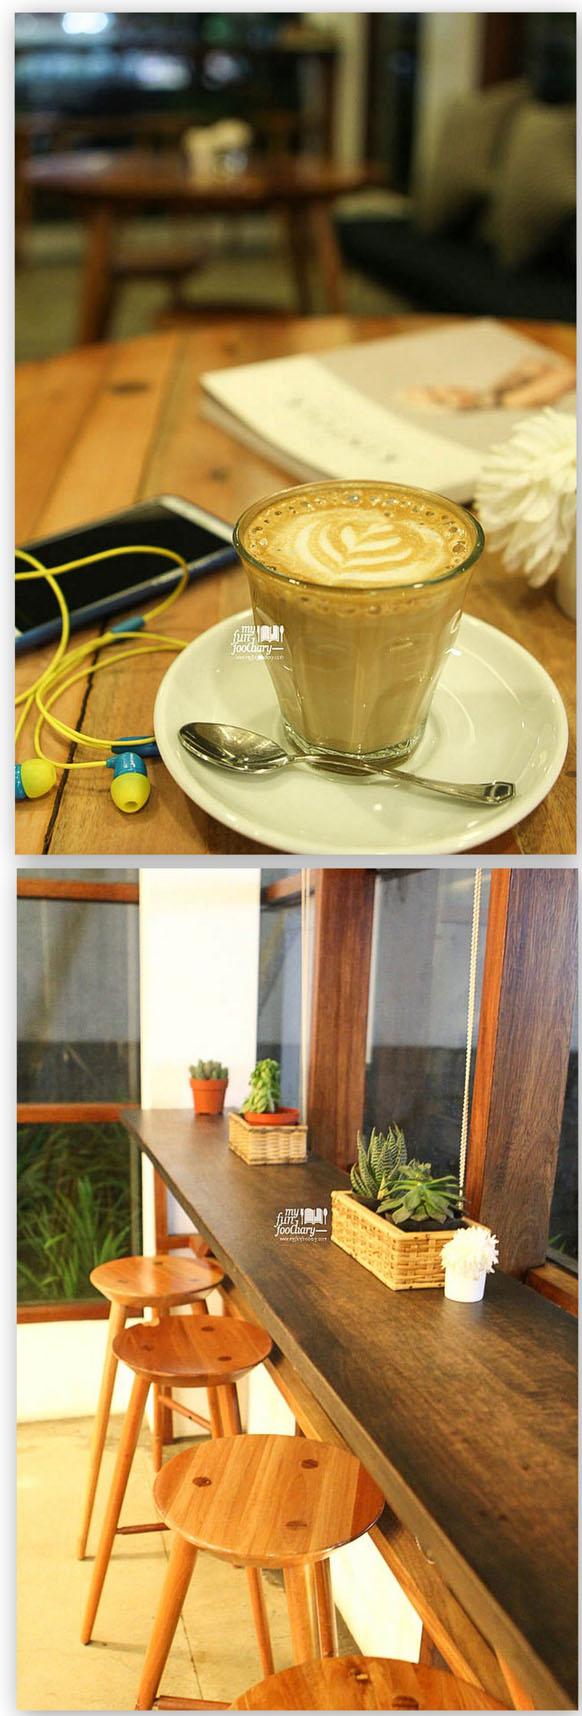 My Cafe Latte